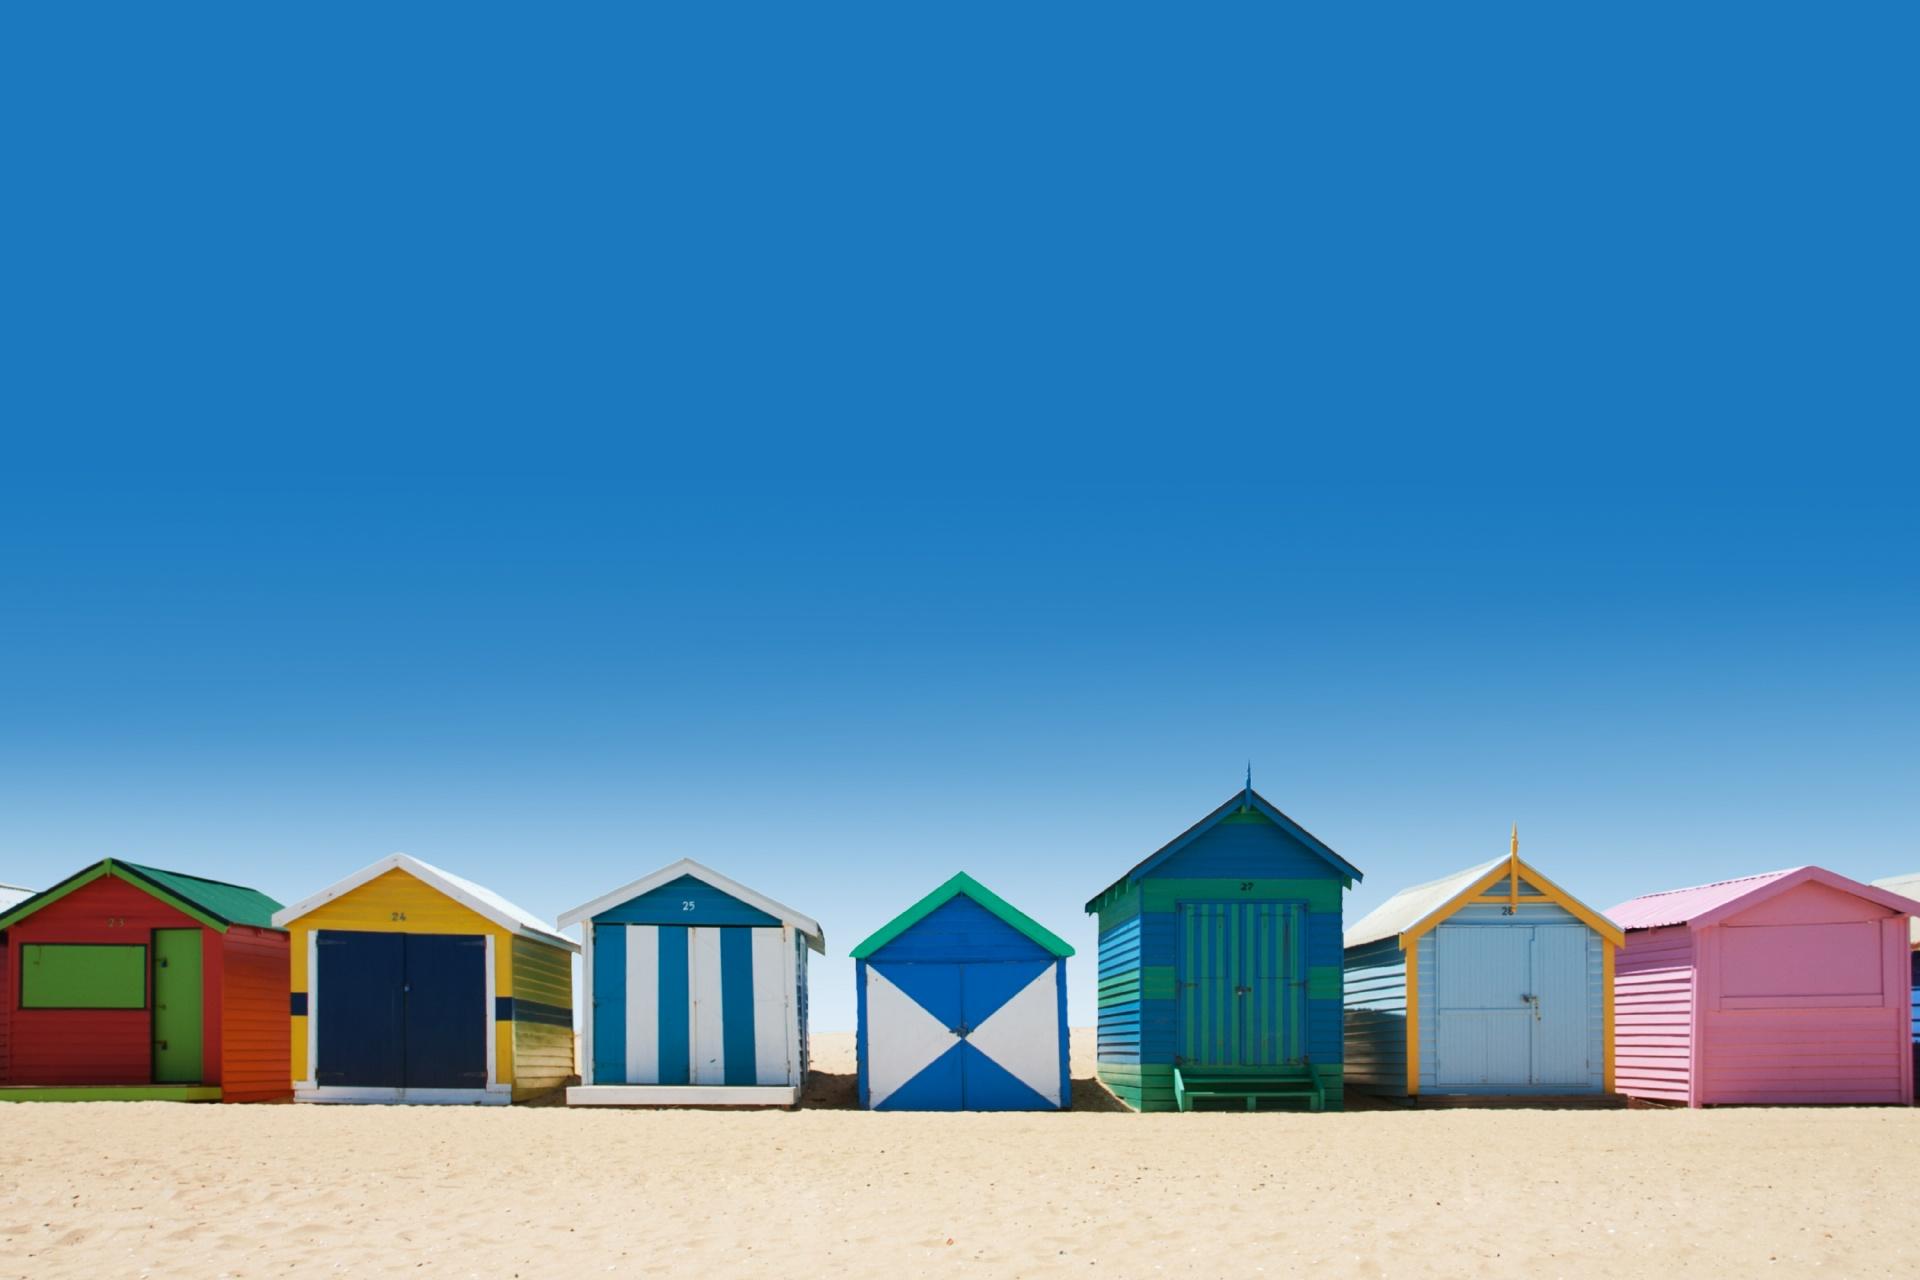 ブライトンビーチの美しい砂浜にあるベイジングボックス